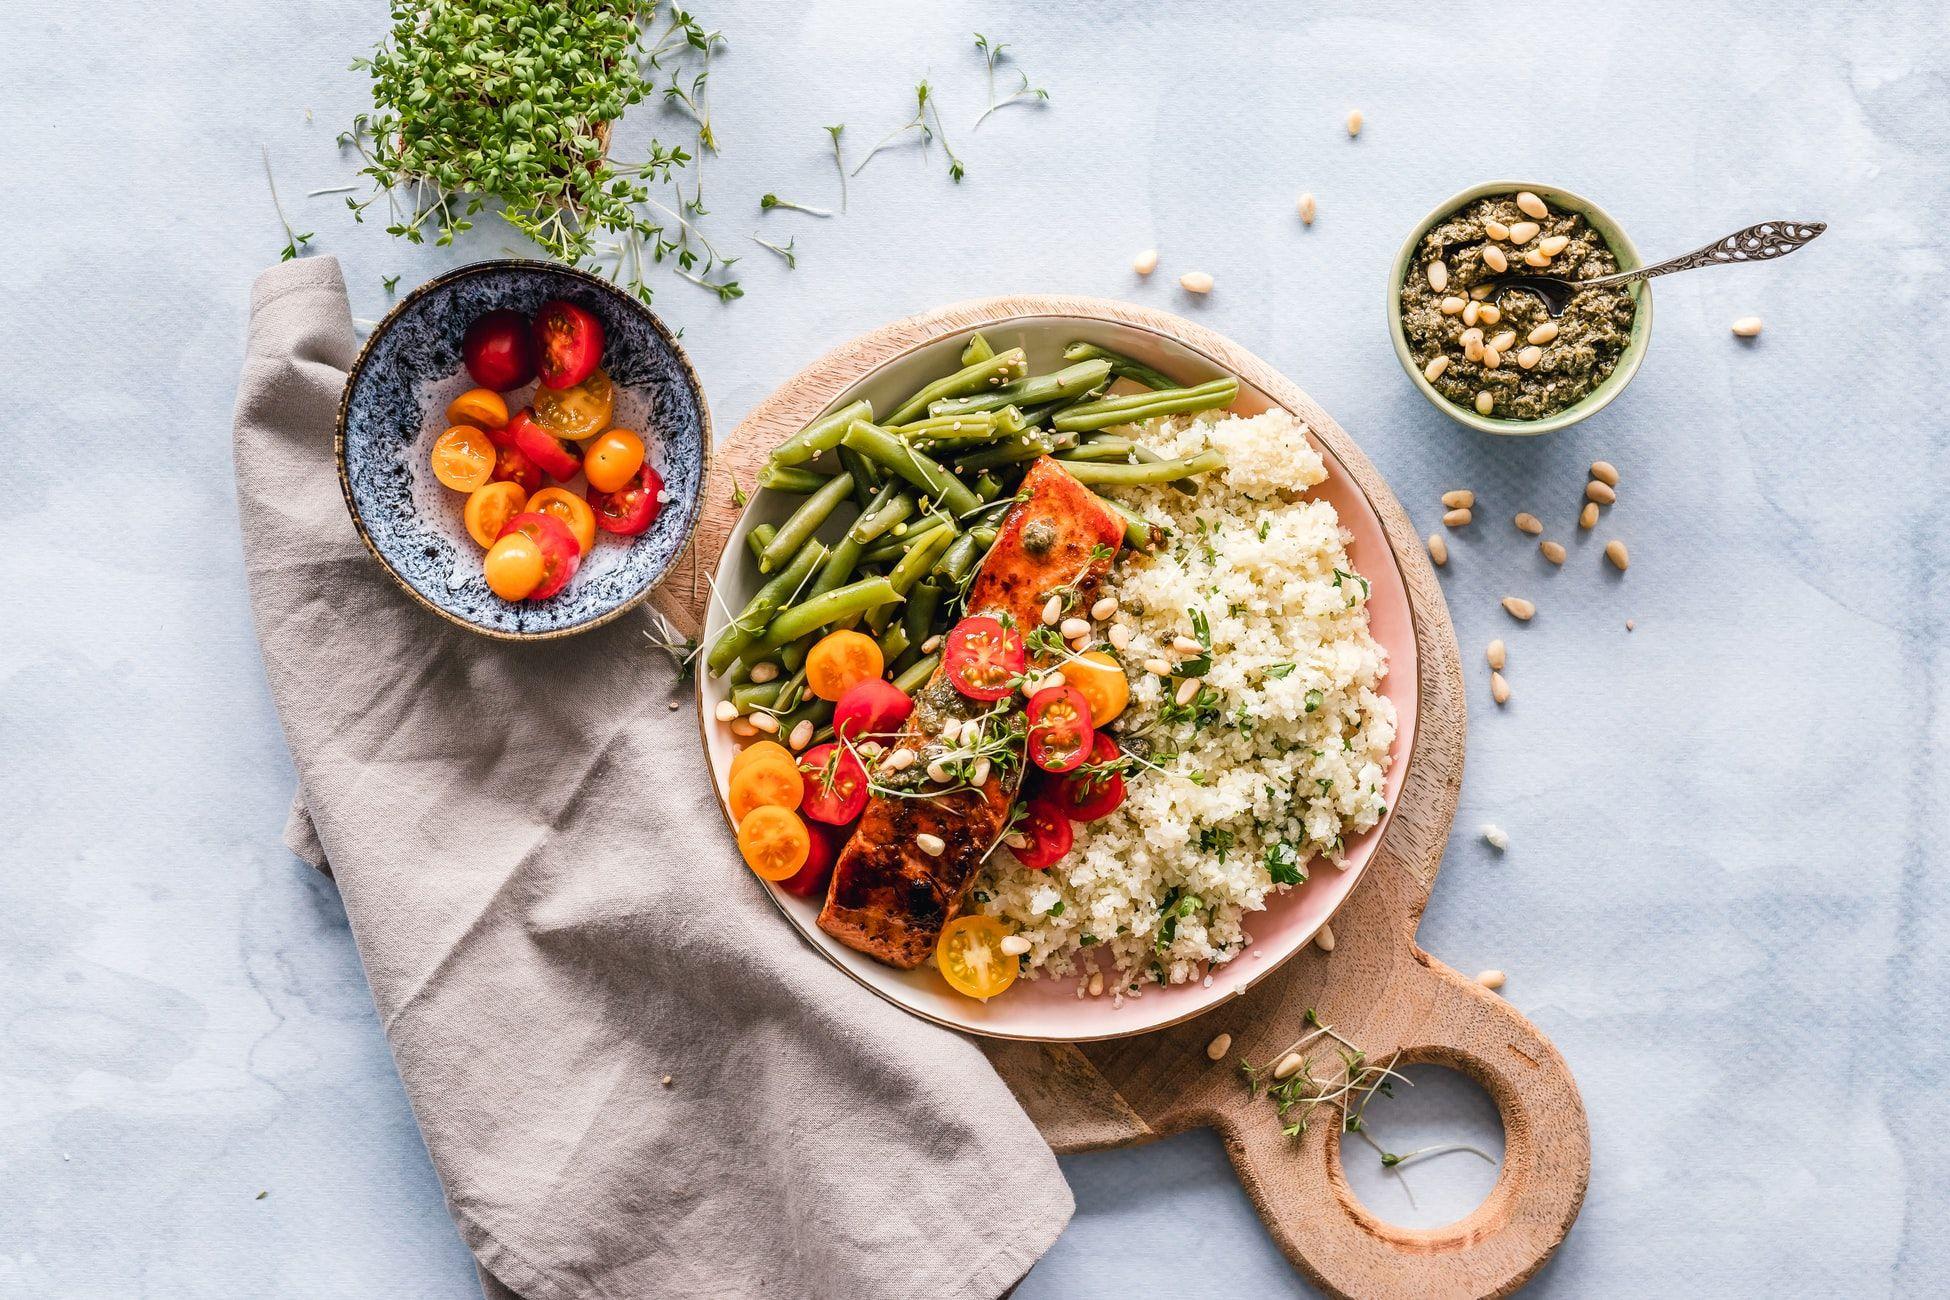 quinoa poveste de pierdere în greutate dificil de pierdut burta gras